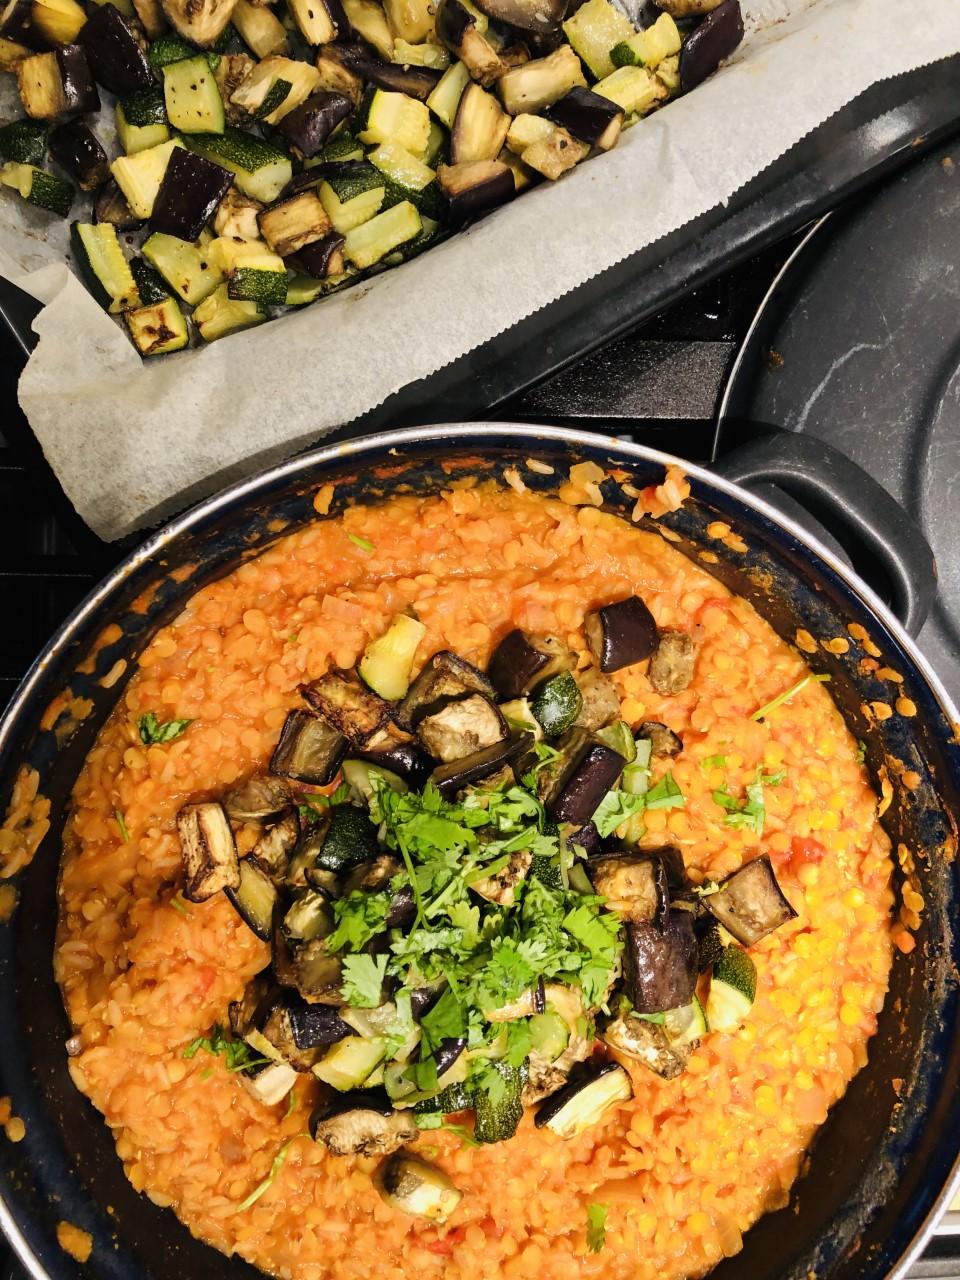 Deze rode linzen dahl met courgette en aubergine is een heerlijk gezond en makkelijk recept wat ook nog volledig vegetarisch en veganistisch is. Een ideale avond maaltijd voor een doordeweekse dag.